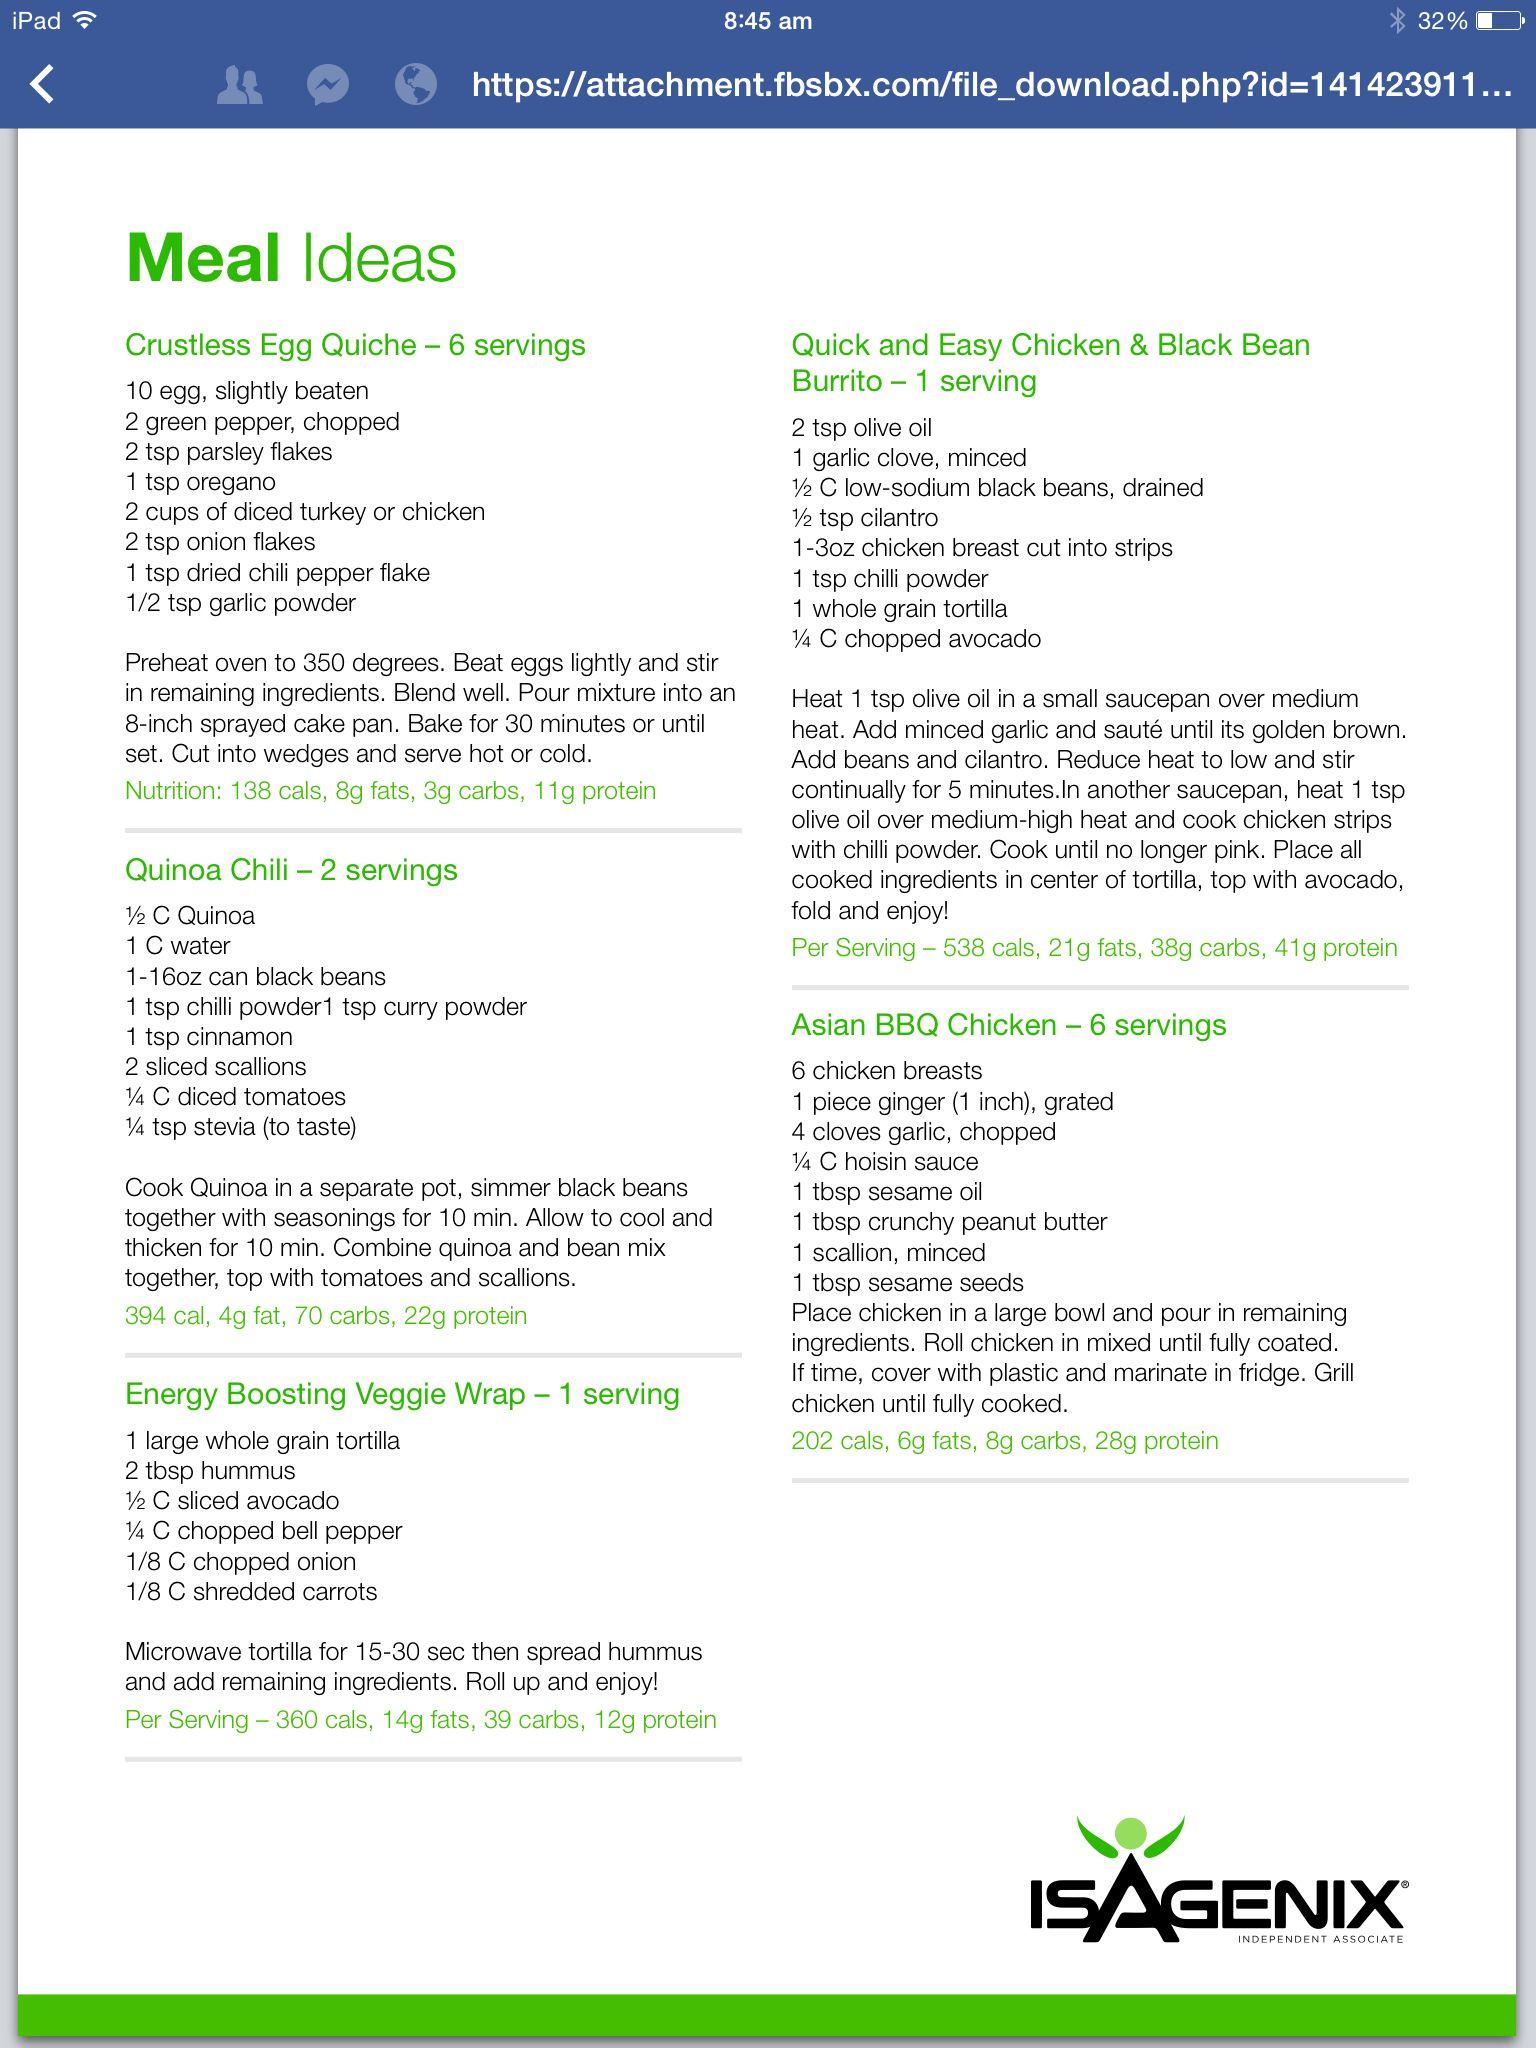 isagenix diet plan pdf